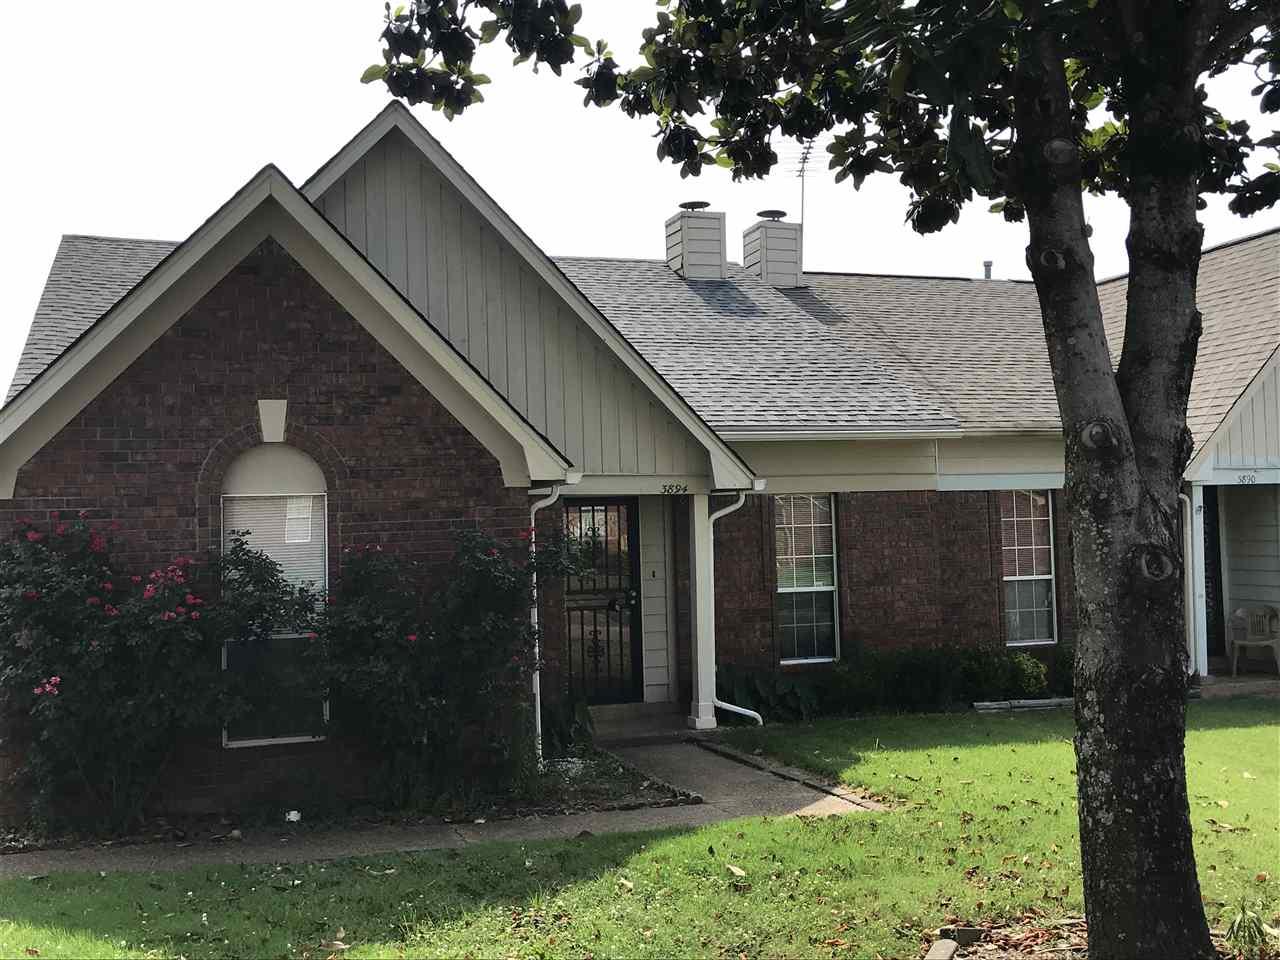 3894 Moss Bank Memphis, TN 38135 - MLS #: 10029306